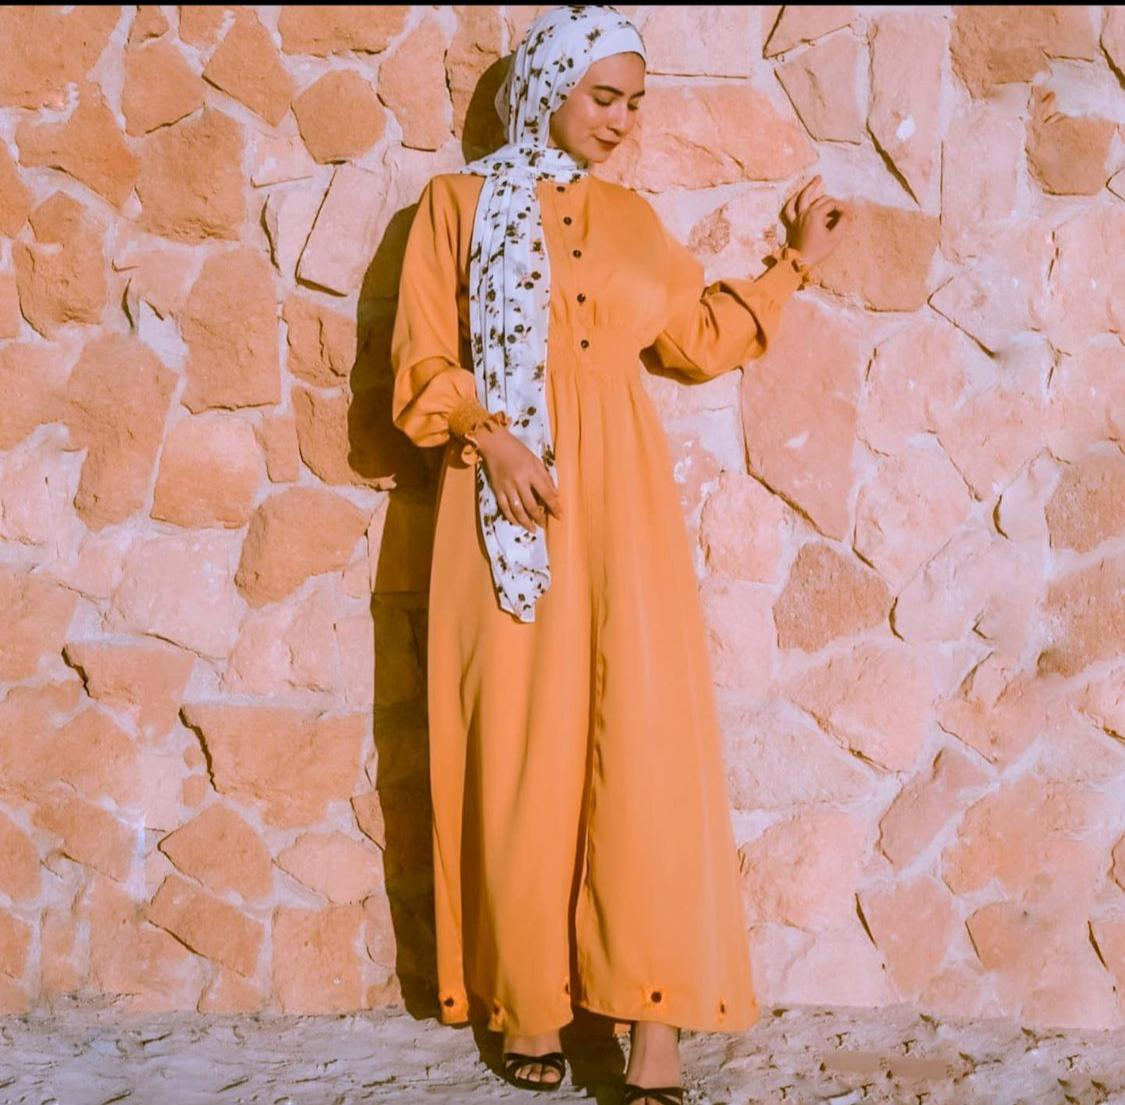 سارة دغيم باطلالة عصرية للعيد -الصورة من حسابها على الانستغرام